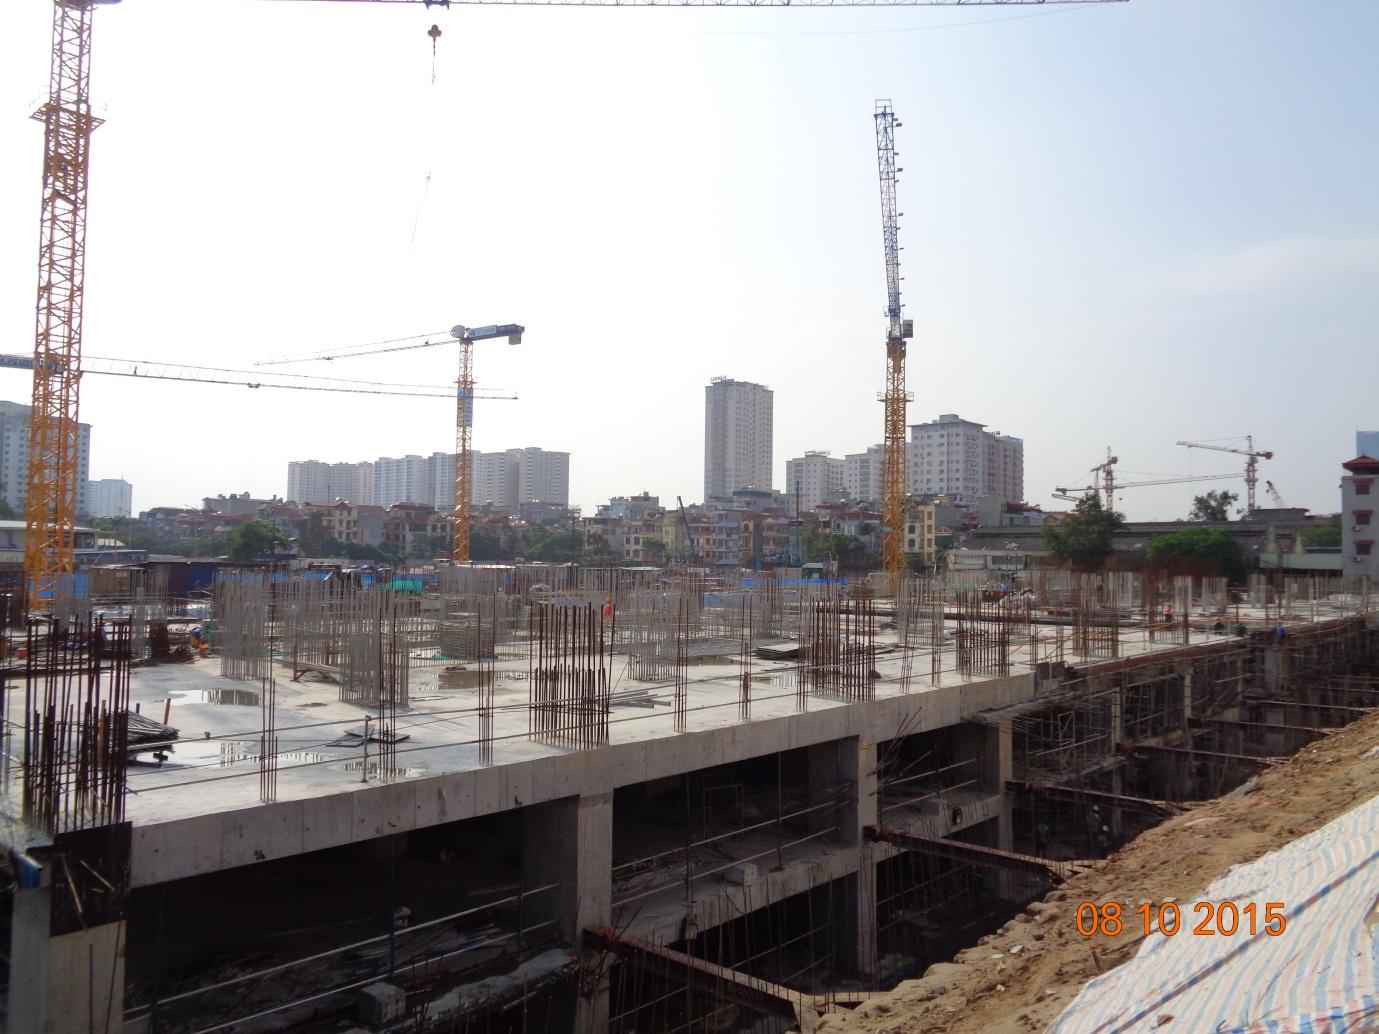 Cập nhật tiến độ thi công tháp A & B dự án Imperia Garden – Ngày 08.10.2015